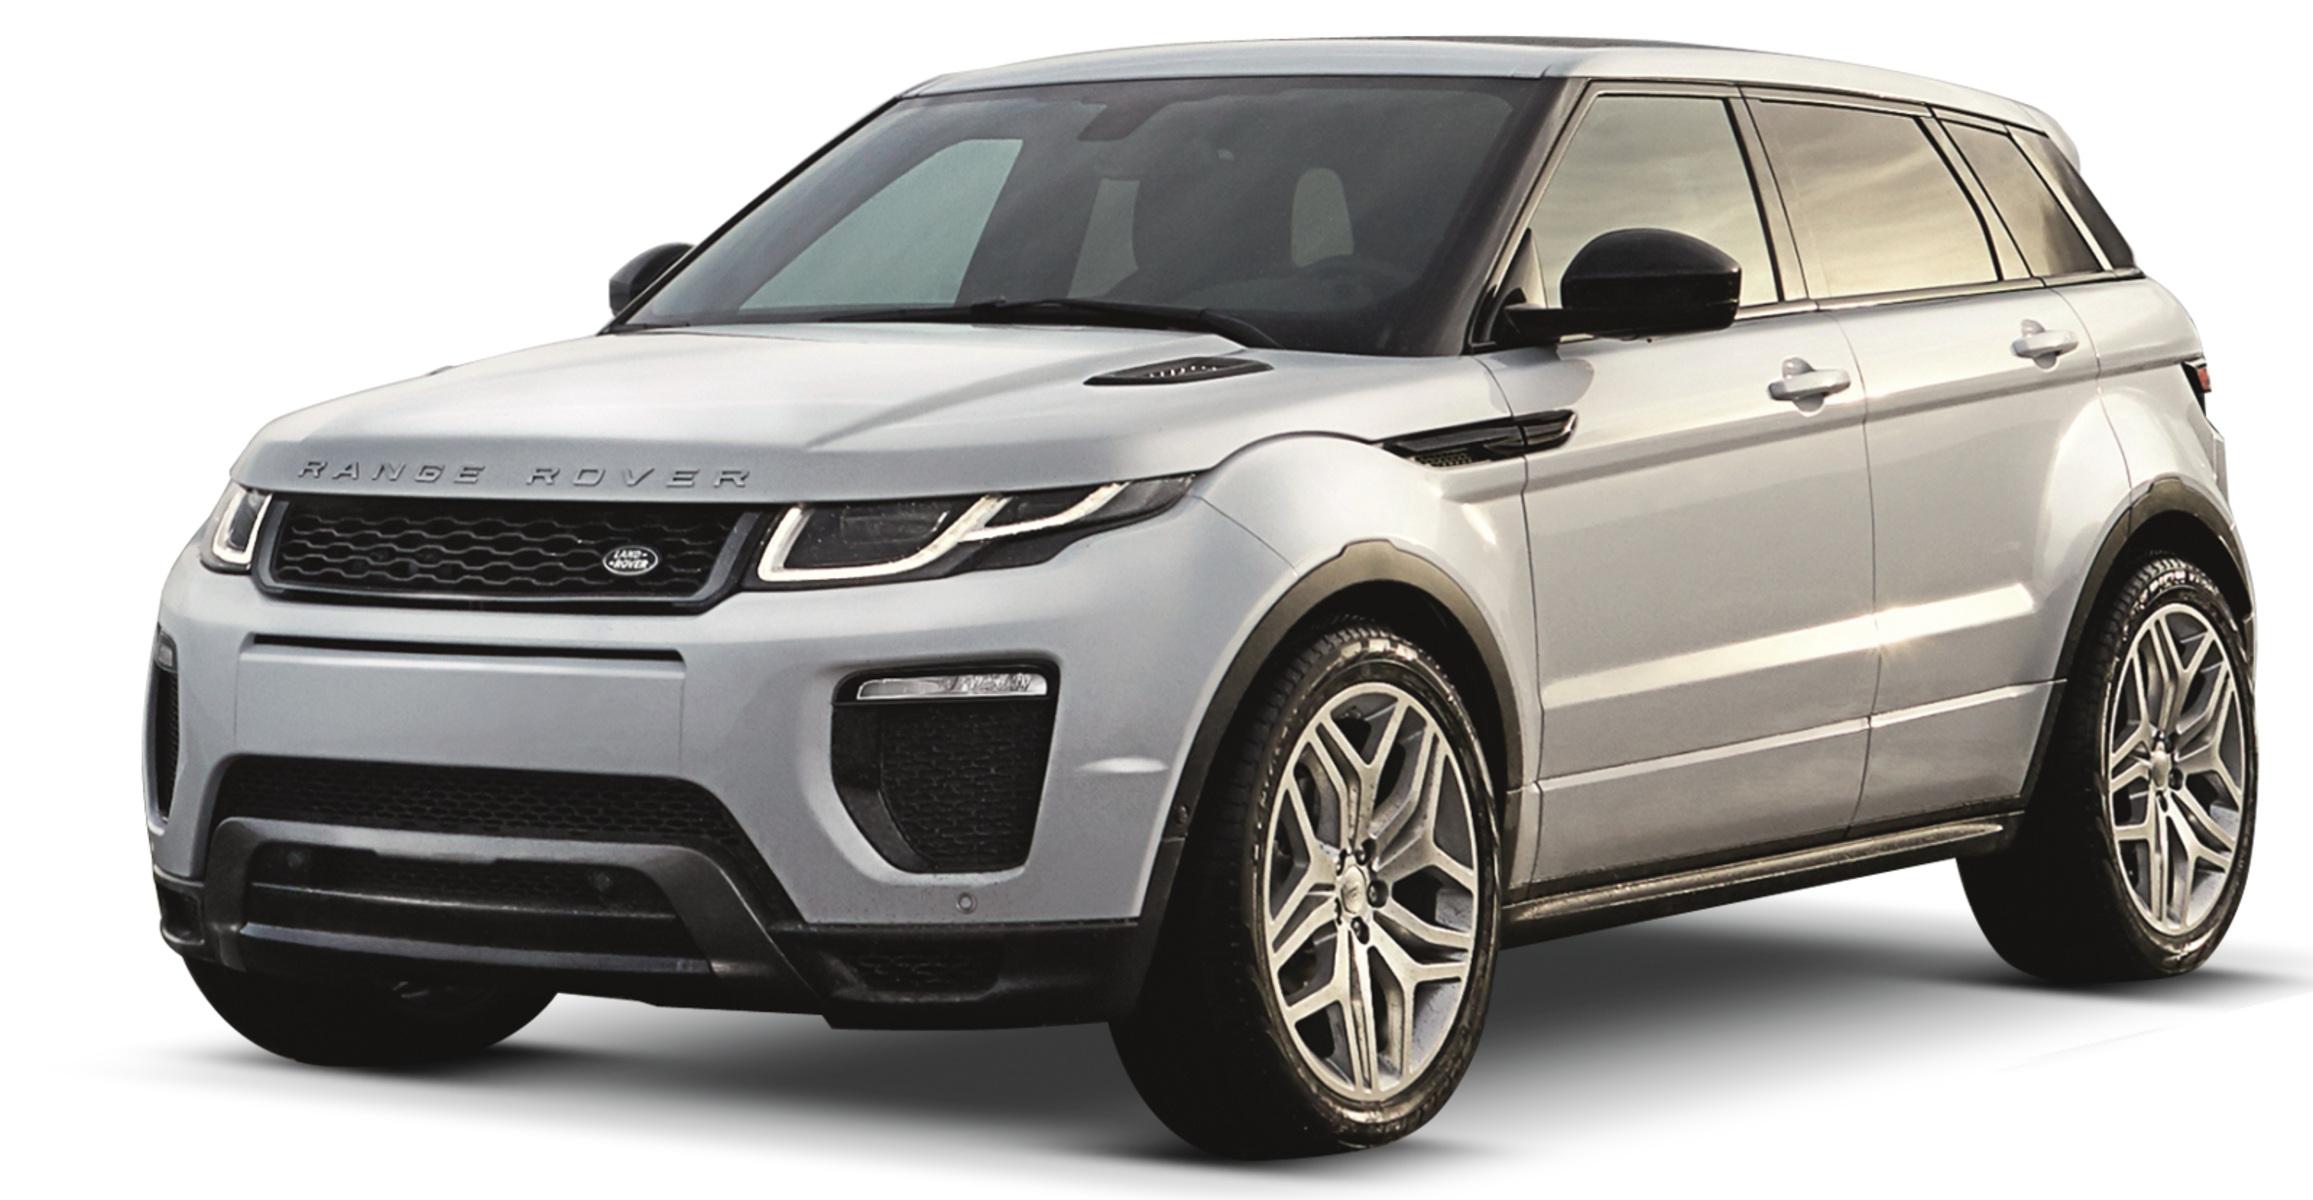 Listino Land Rover Range Rover Evoque Prezzo Scheda Tecnica Consumi Foto Alvolante It